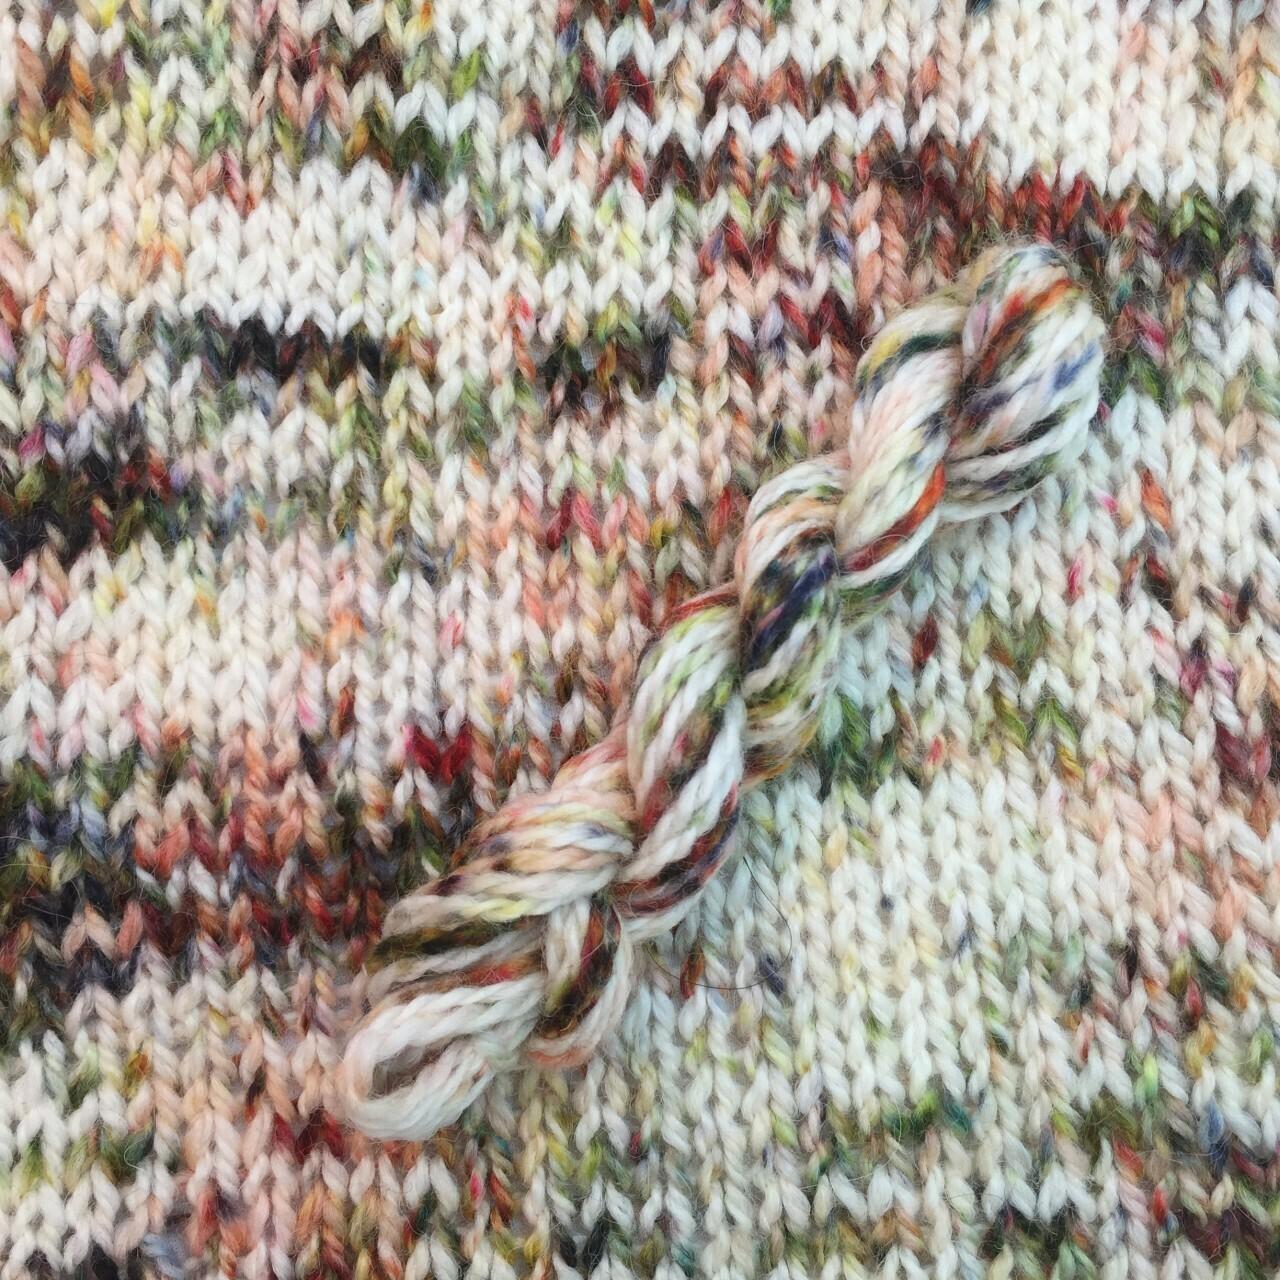 Symmetry Yarn - Free Fallin'